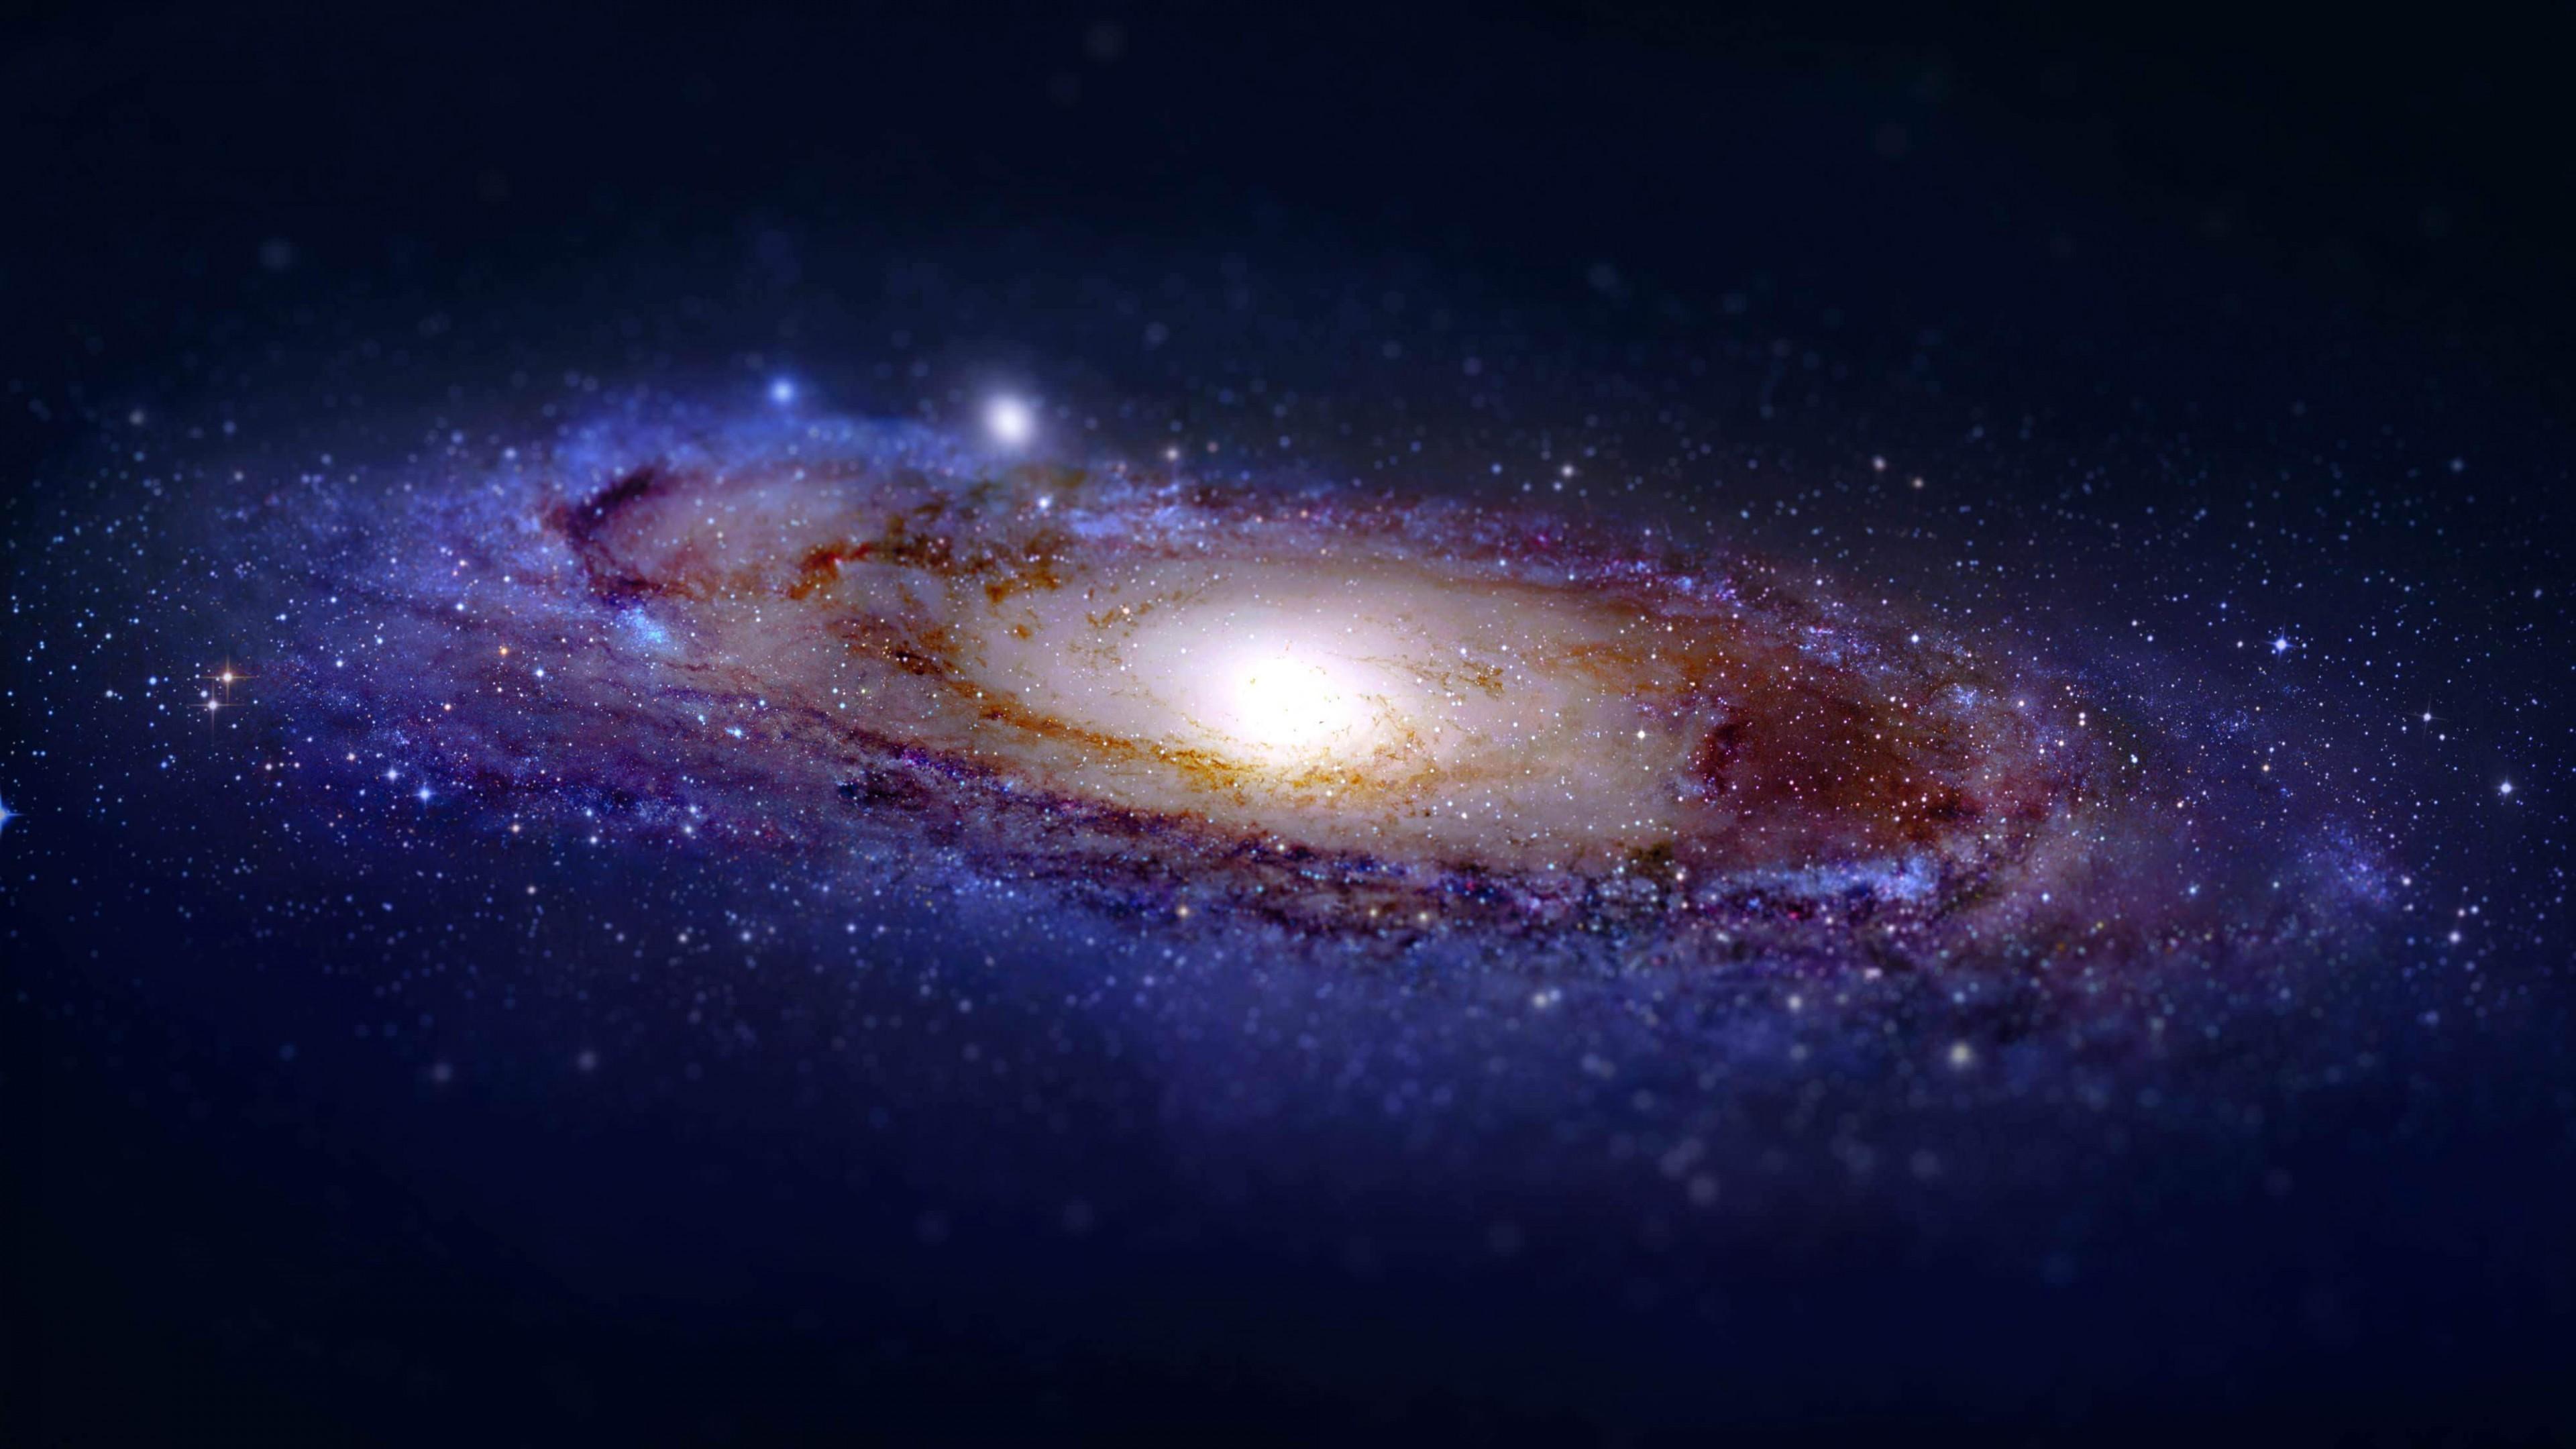 Andromeda galaxy tilt shift wallpaper for 4k 136 .